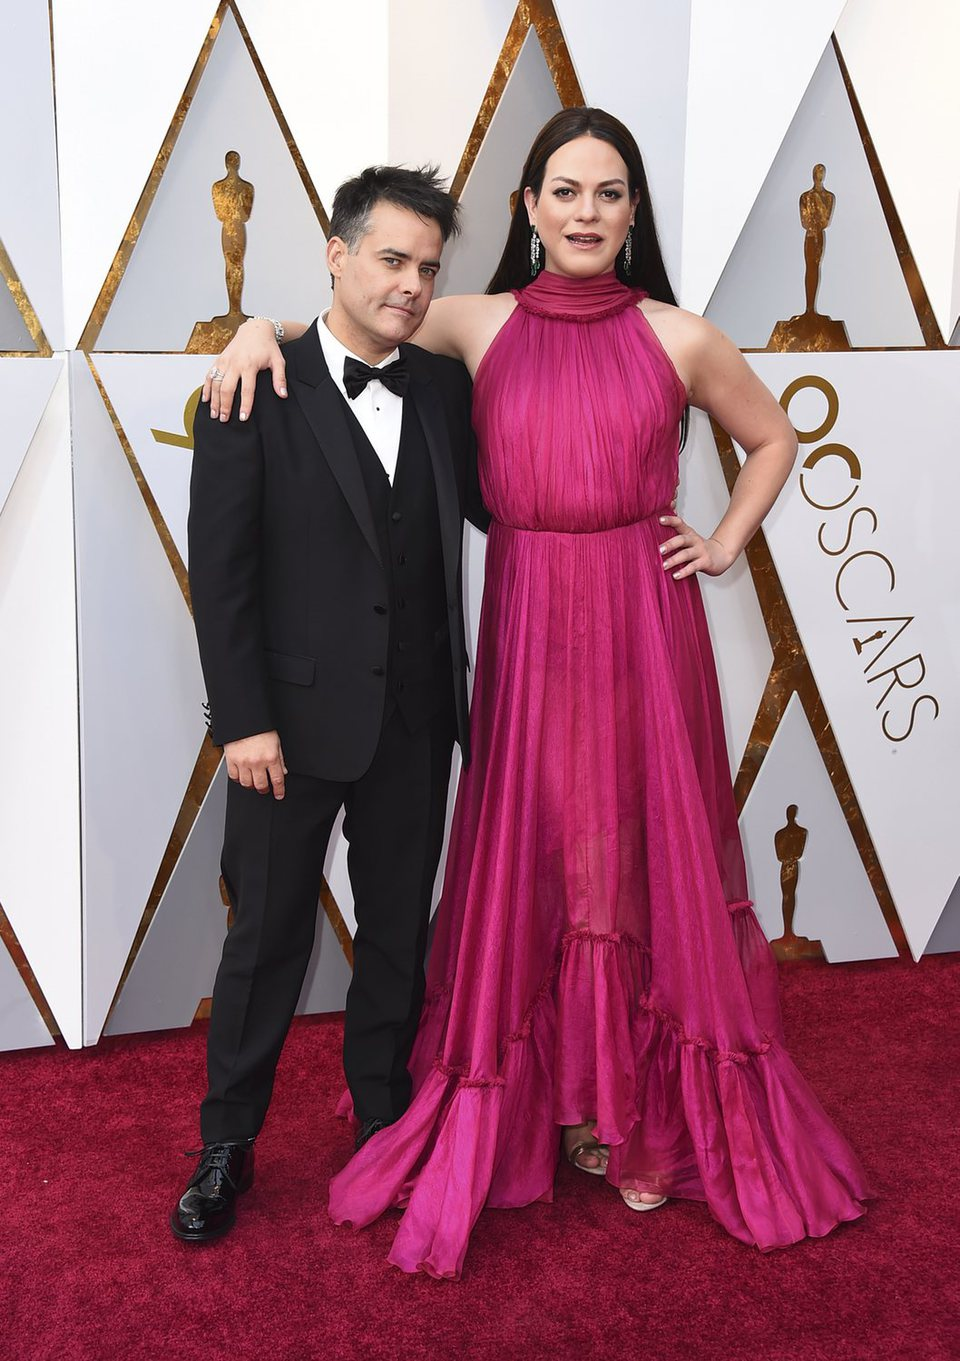 Sebastián Lelio and Daniela Vega at the red carpet of the Oscars